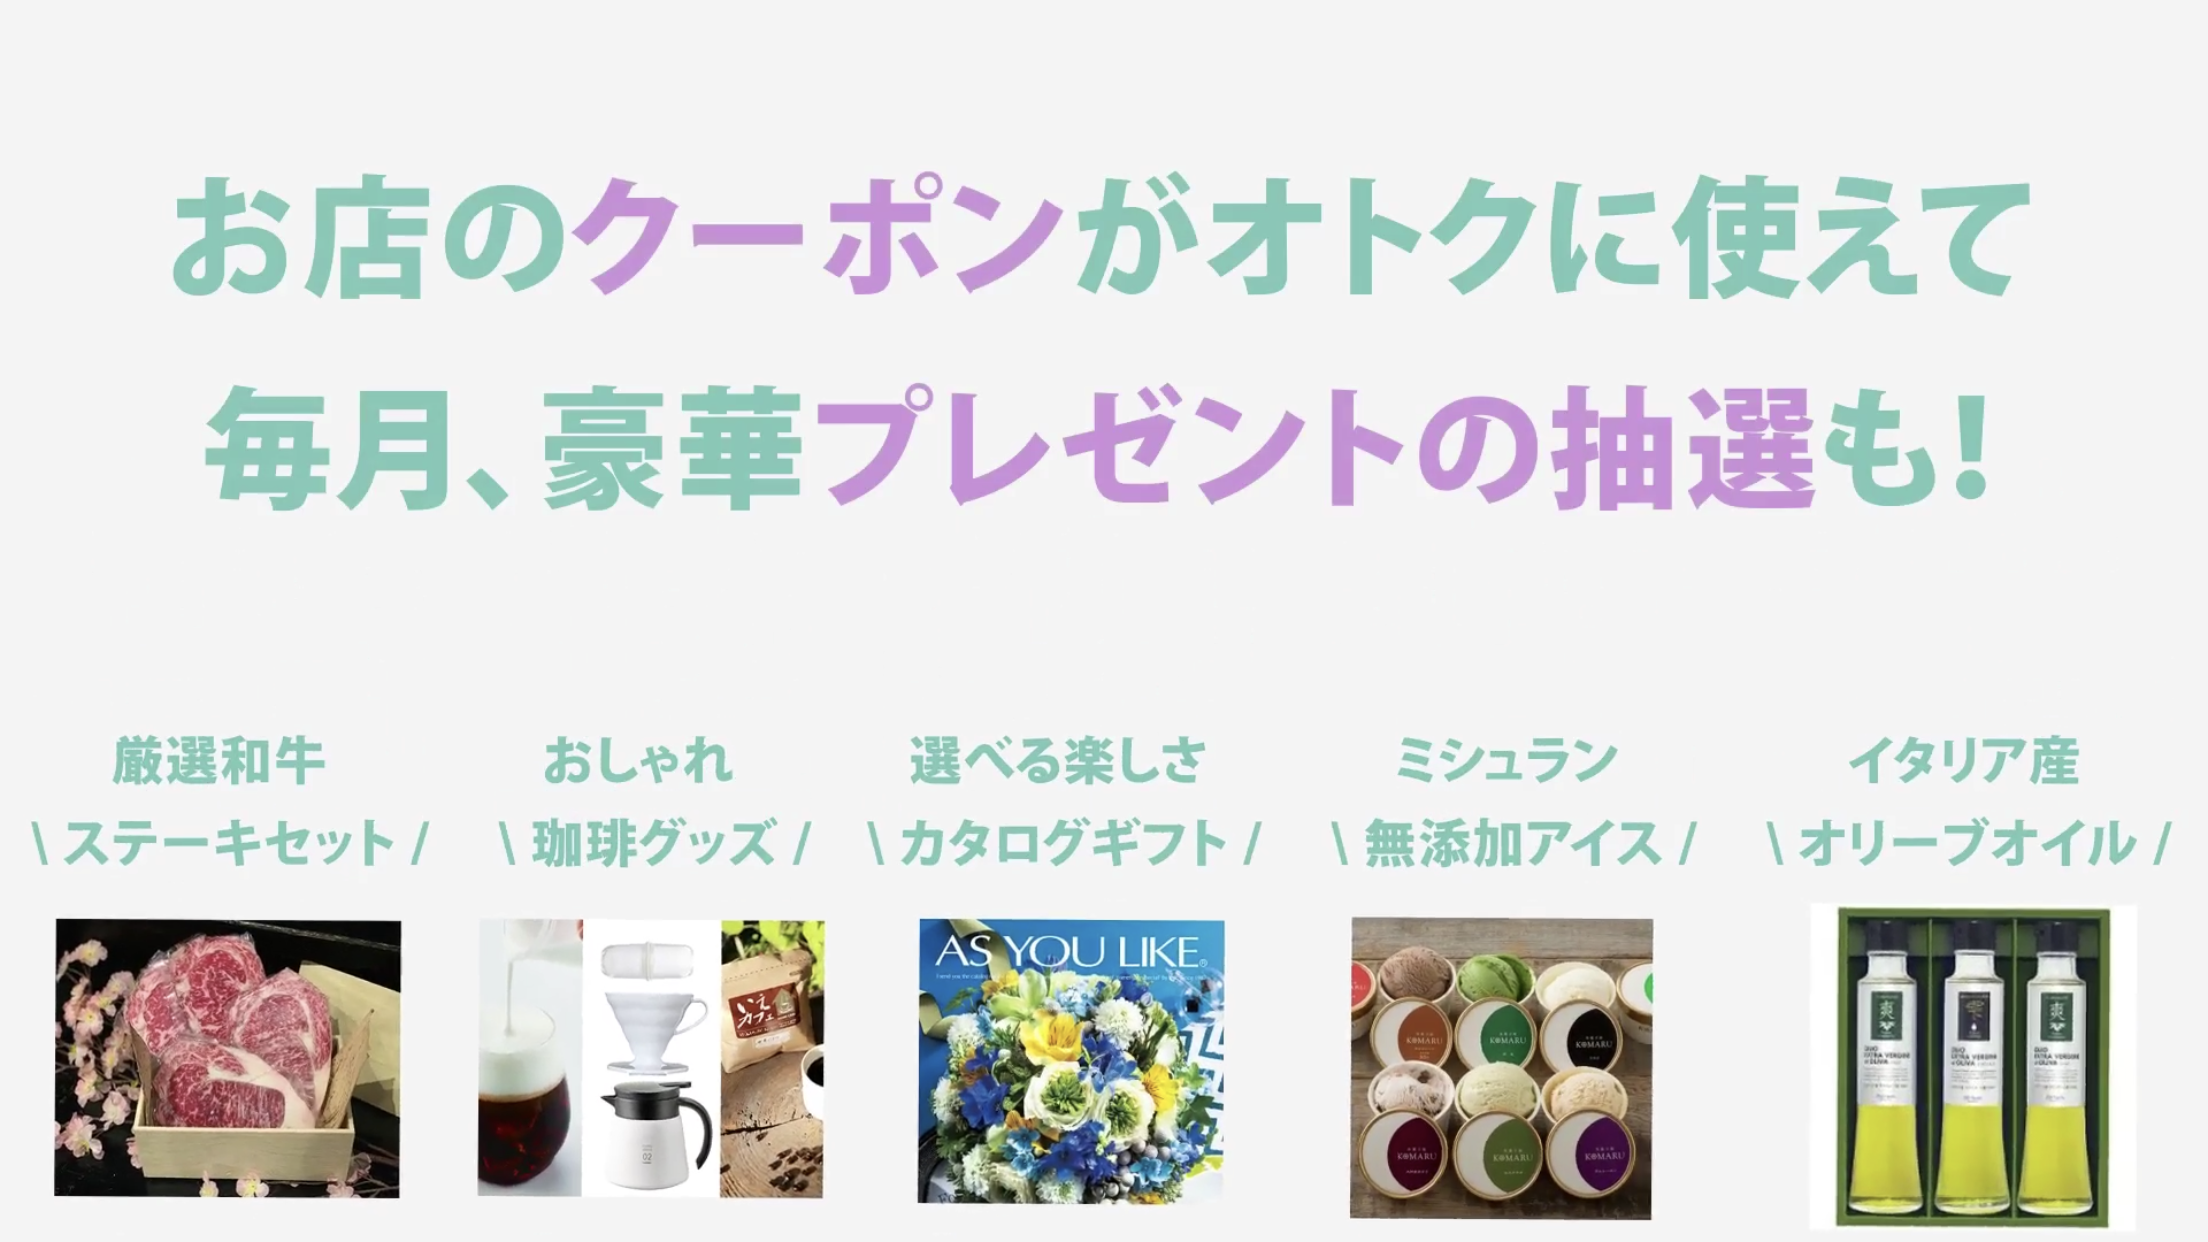 無料で使えるクーポン・毎月豪華プレゼント抽選ならKURASUPO